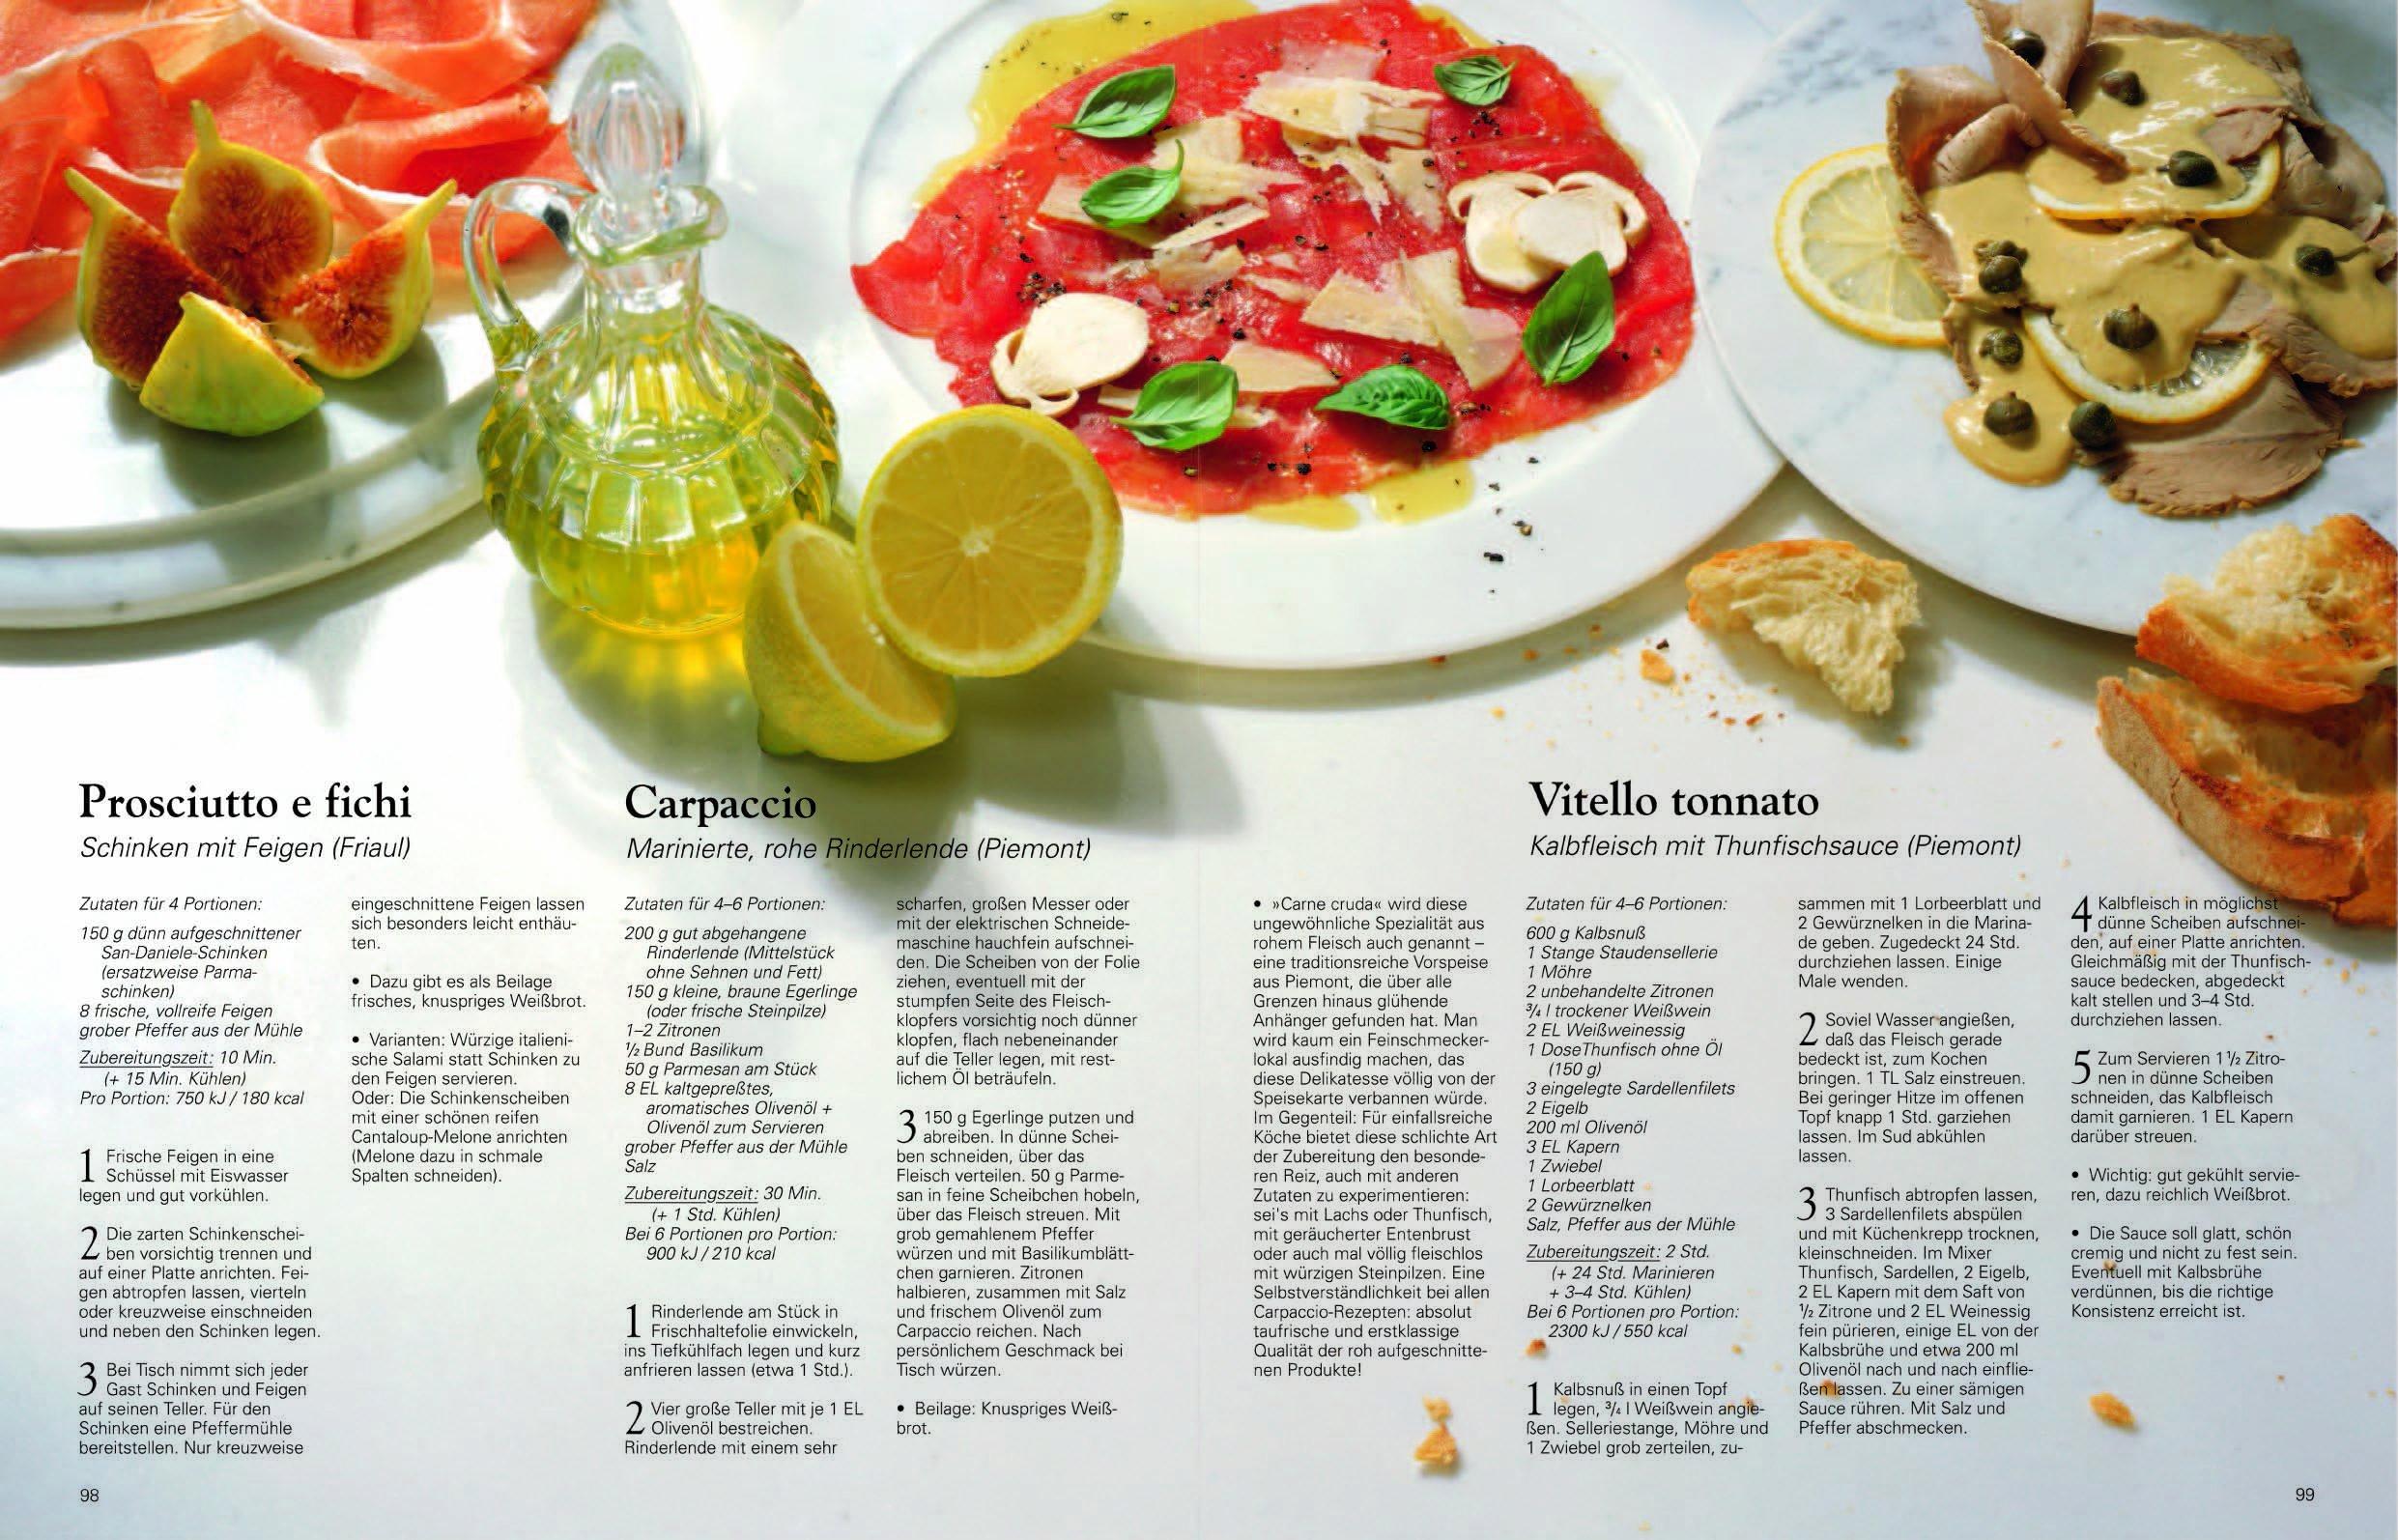 Die echte italienische Küche Typische Rezepte und kulinarische Impressionen aus allen Regionen Amazon Sabine Sälzer Reinhardt Hess Franco Benussi